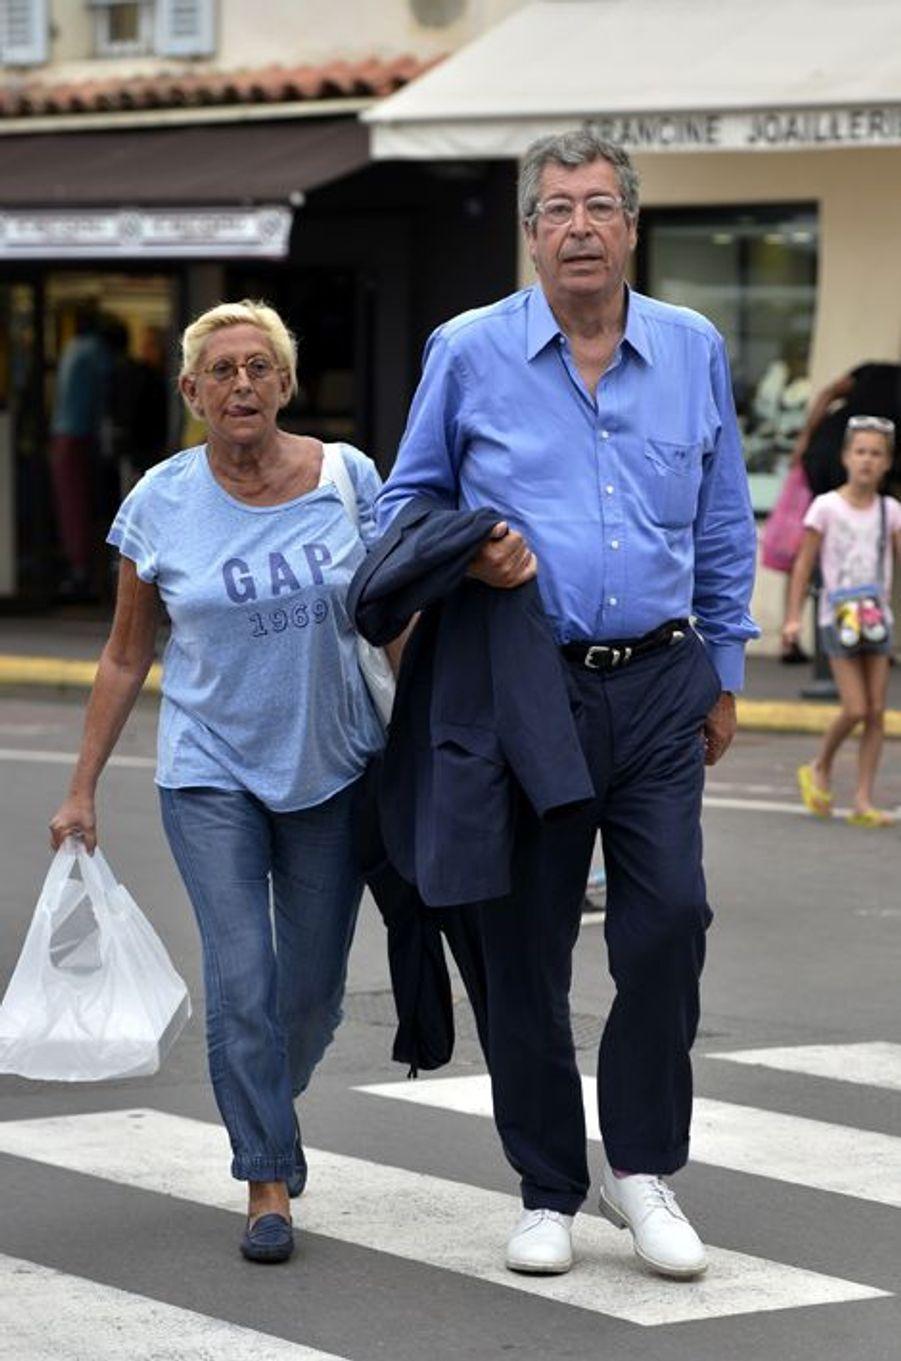 Isabelle et Patrick Balkany ont été photographiés à Saint-Tropez, où ils sont en vacances